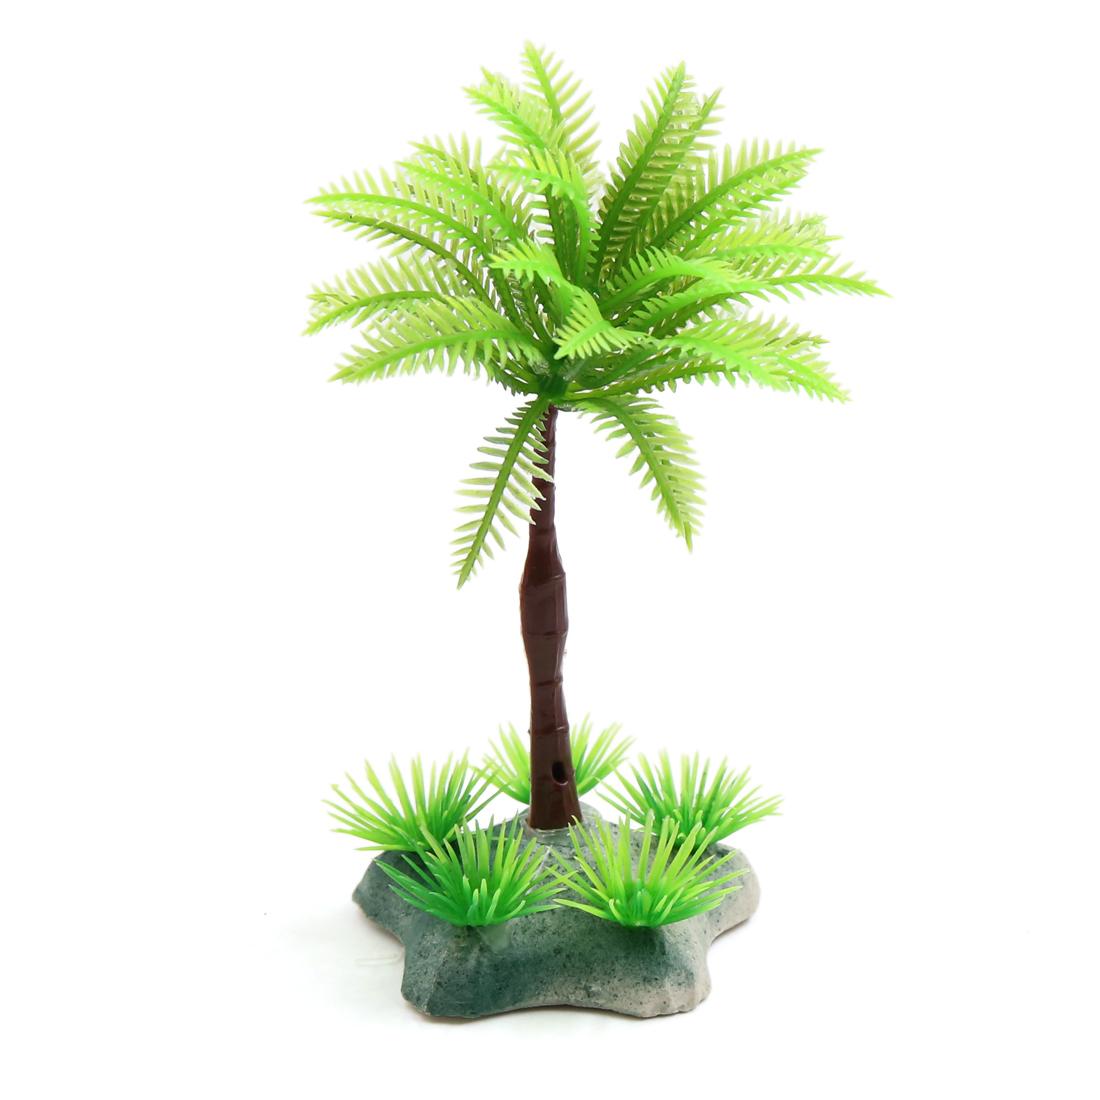 Plastic Ceramic Coconut Tree Aquarium Terrarium Decor for Reptiles